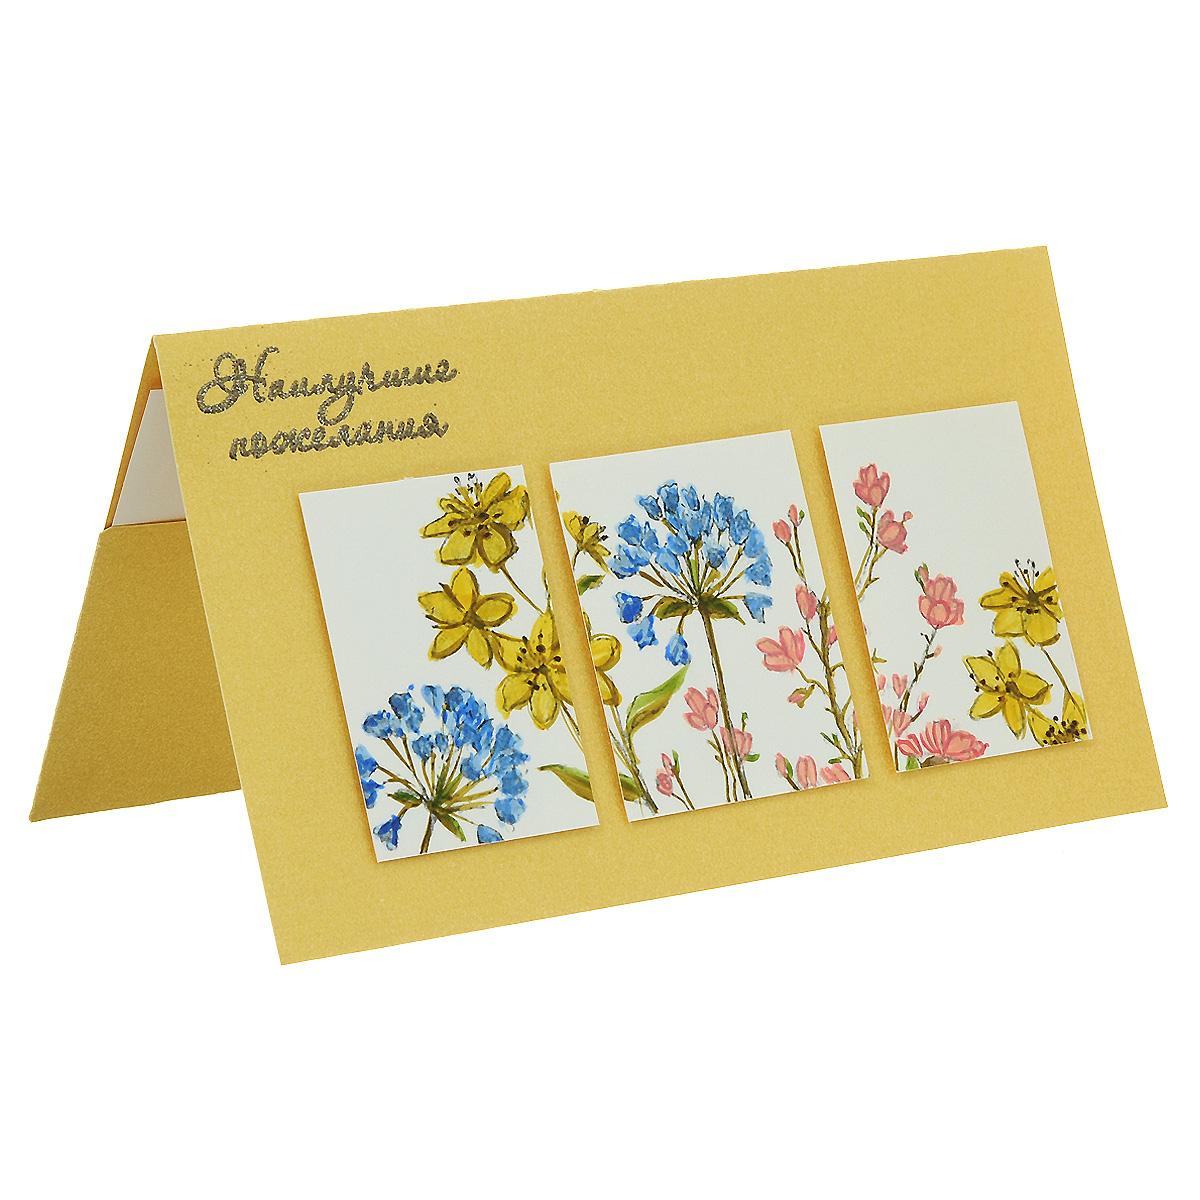 ОЖ-0024Открытка-конверт «Наилучшие пожелания» (триптих золотой). Студия «Тётя Роза»31540Характеристики: Размер 19 см x 11 см.Материал: Высоко-художественный картон, бумага, декор. Данная открытка может стать как прекрасным дополнением к вашему подарку, так и самостоятельным подарком. Так как открытка является и конвертом, в который вы можете вложить ваш денежный подарок или просто написать ваши пожелания на вкладыше. Дизайн этой открытки сложился из использования рукописного триптиха с цветочным мотивом полевых трав. В простоте решения этого поздравления заложена выразительность восприятия. Цветы прорисованы вручную акриловыми красками. Надпись выполнена в технике горячего термоподъема. Также открытка упакована в пакетик для сохранности.Обращаем Ваше внимание на то, что открытка может незначительно отличаться от представленной на фото.Открытки ручной работы от студии Тётя Роза отличаются своим неповторимым и ярким стилем. Каждая уникальна и выполнена вручную мастерами студии. (Открытка для мужчин, открытка для женщины, открытка на день рождения, открытка с днем свадьбы, открытка винтаж, открытка с юбилеем, открытка на все случаи, скрапбукинг)